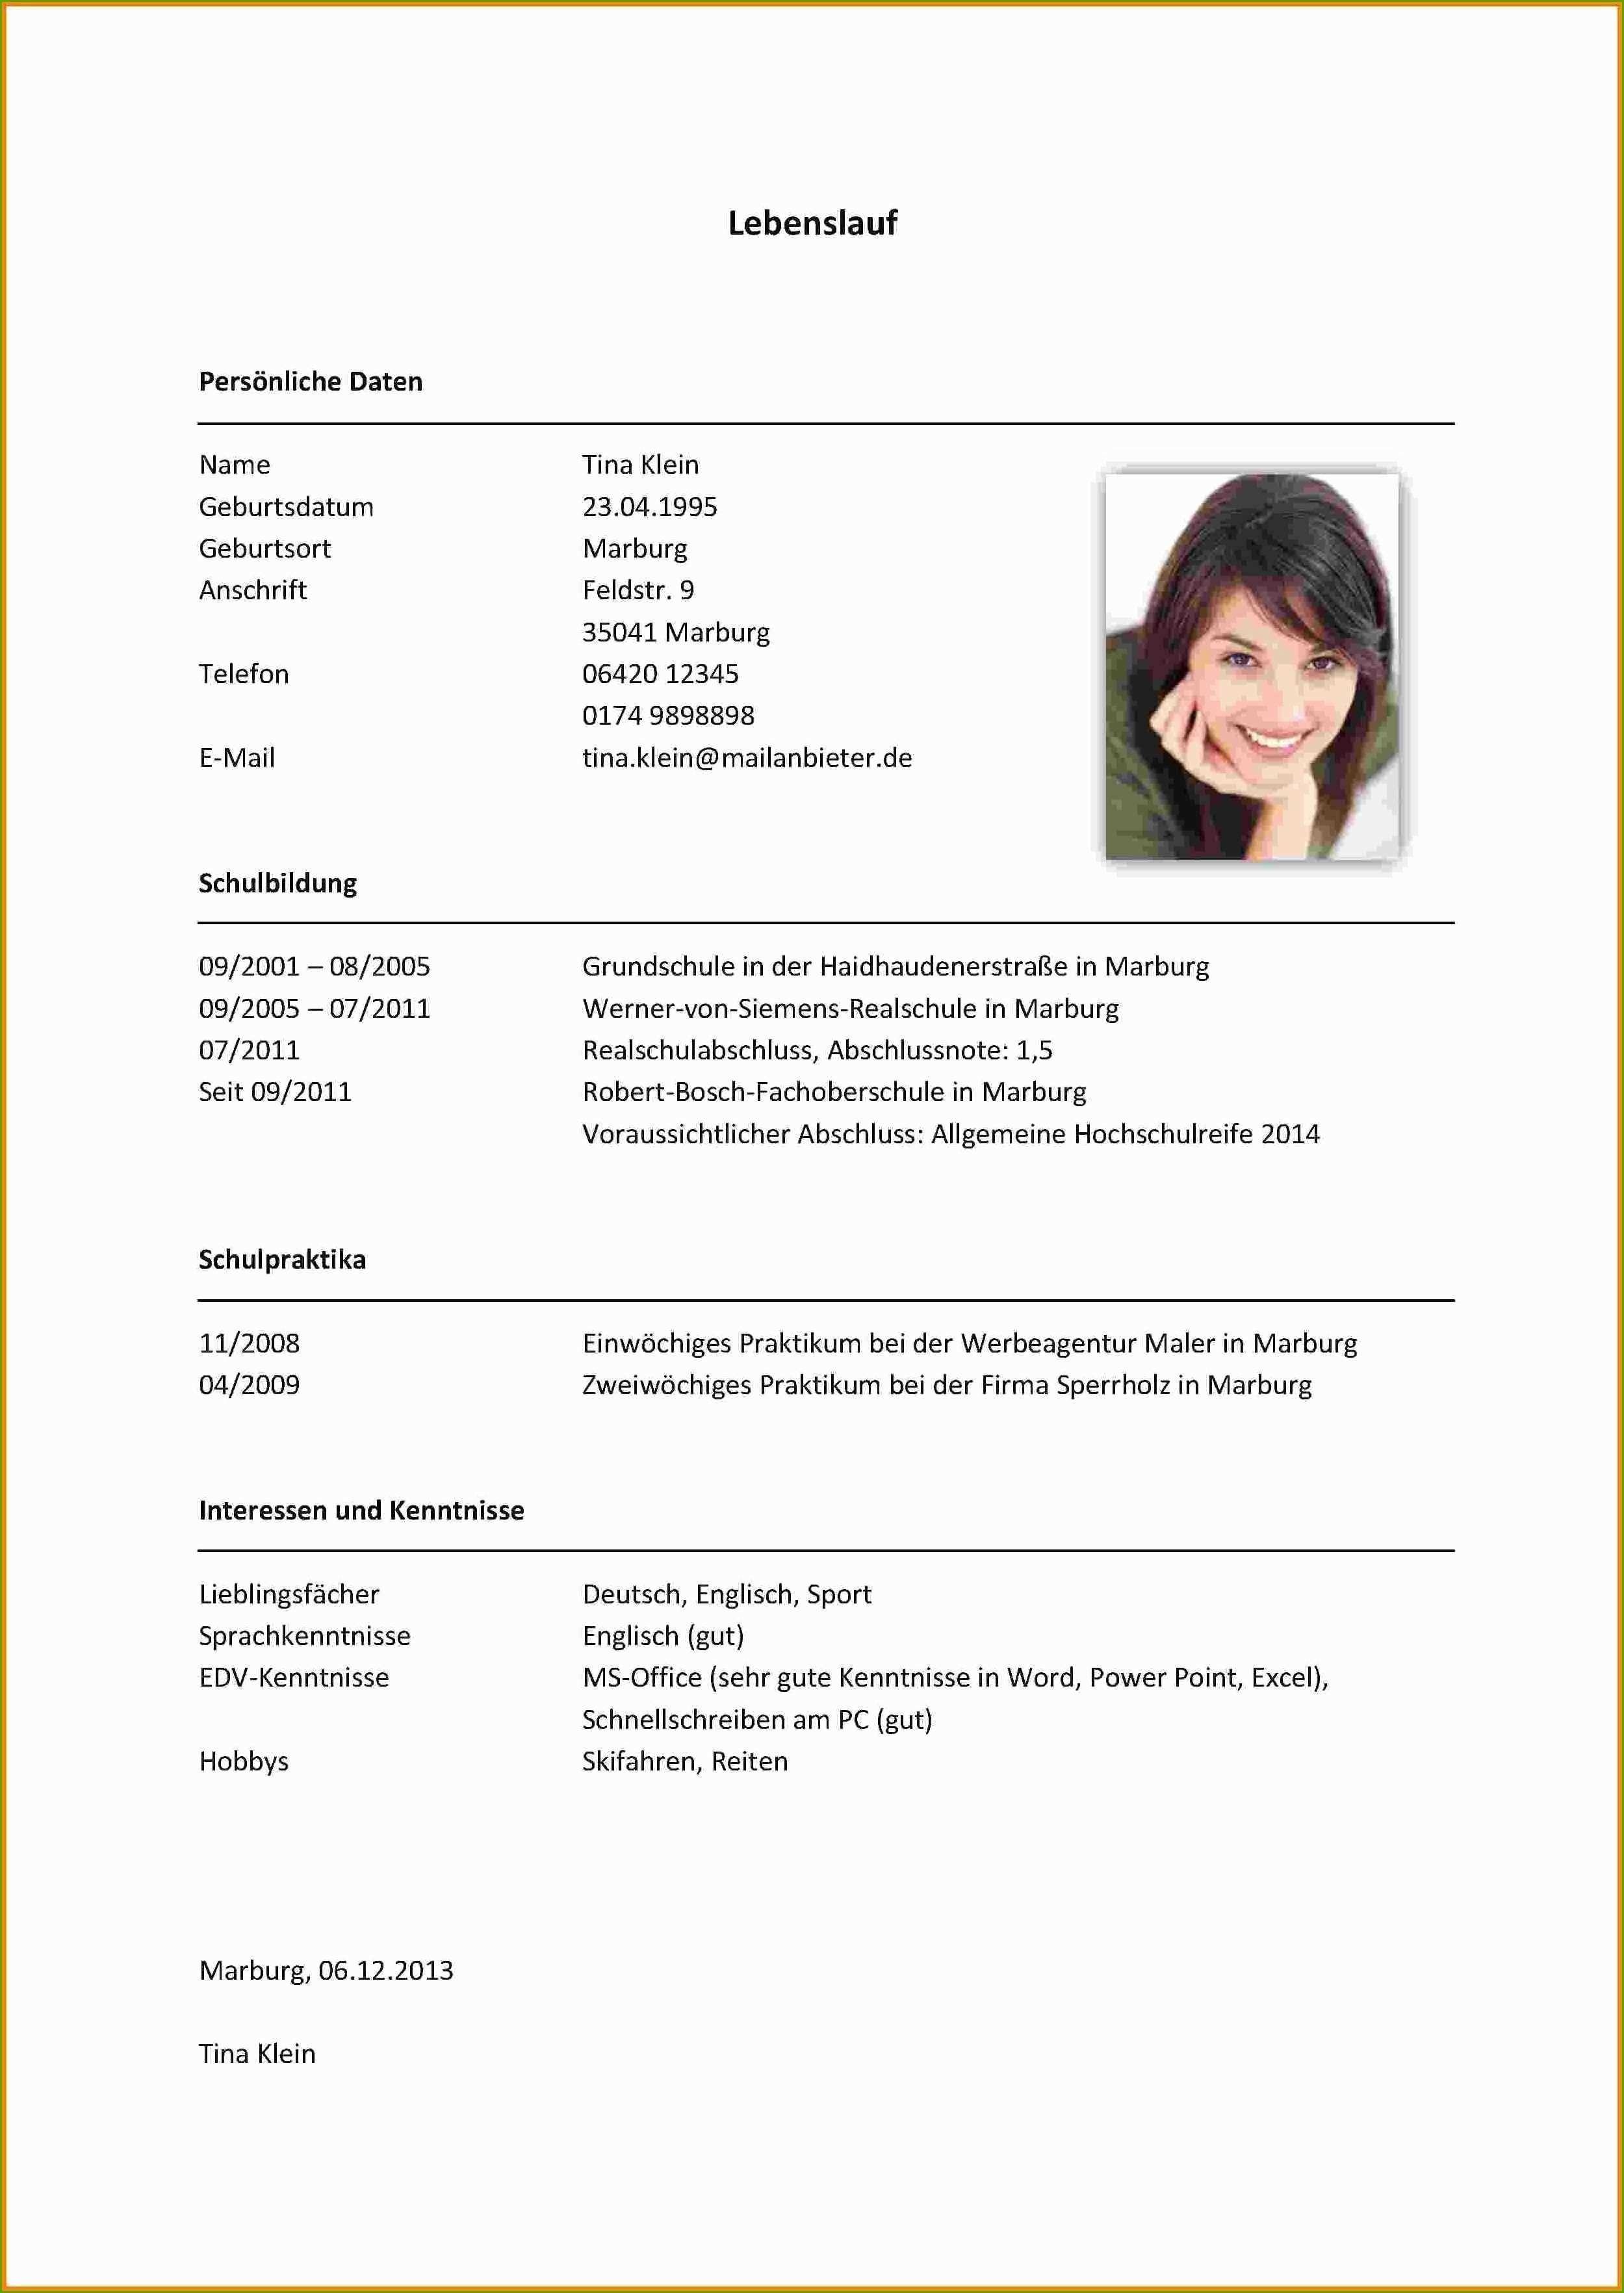 Einzigartig Vorlage Lebenslauf 2016 Briefprobe Briefformat Briefvorlage Vorlagen Lebenslauf Lebenslauf Praktikum Lebenslauf Beispiele